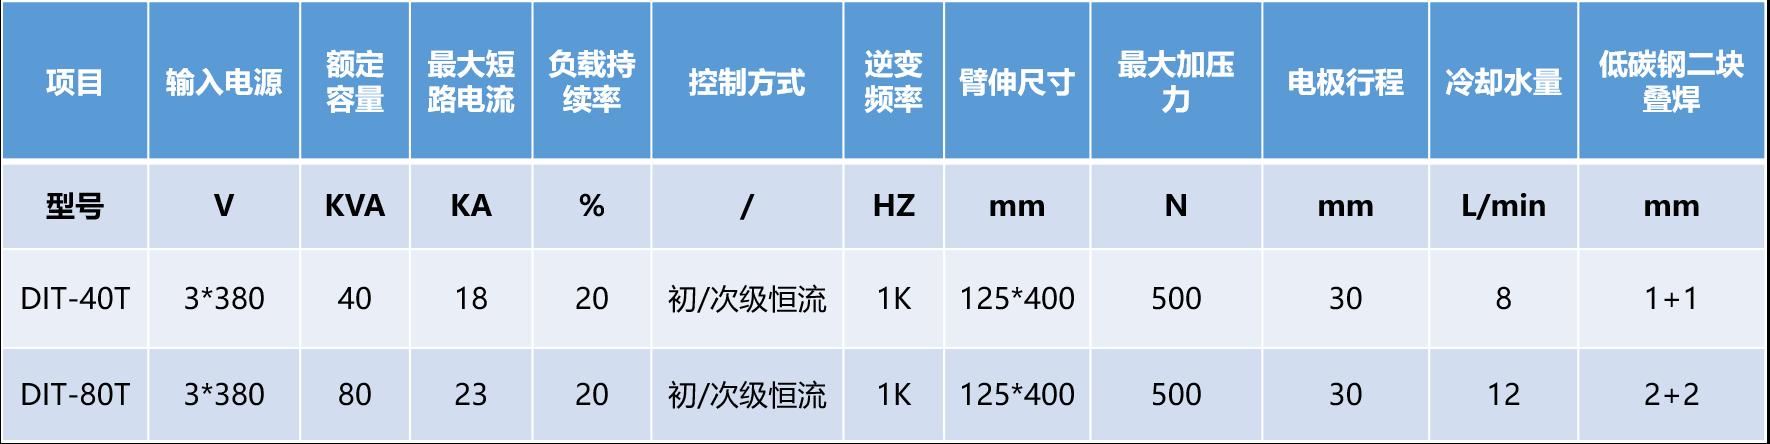 中频逆变精密台式点焊机参数表